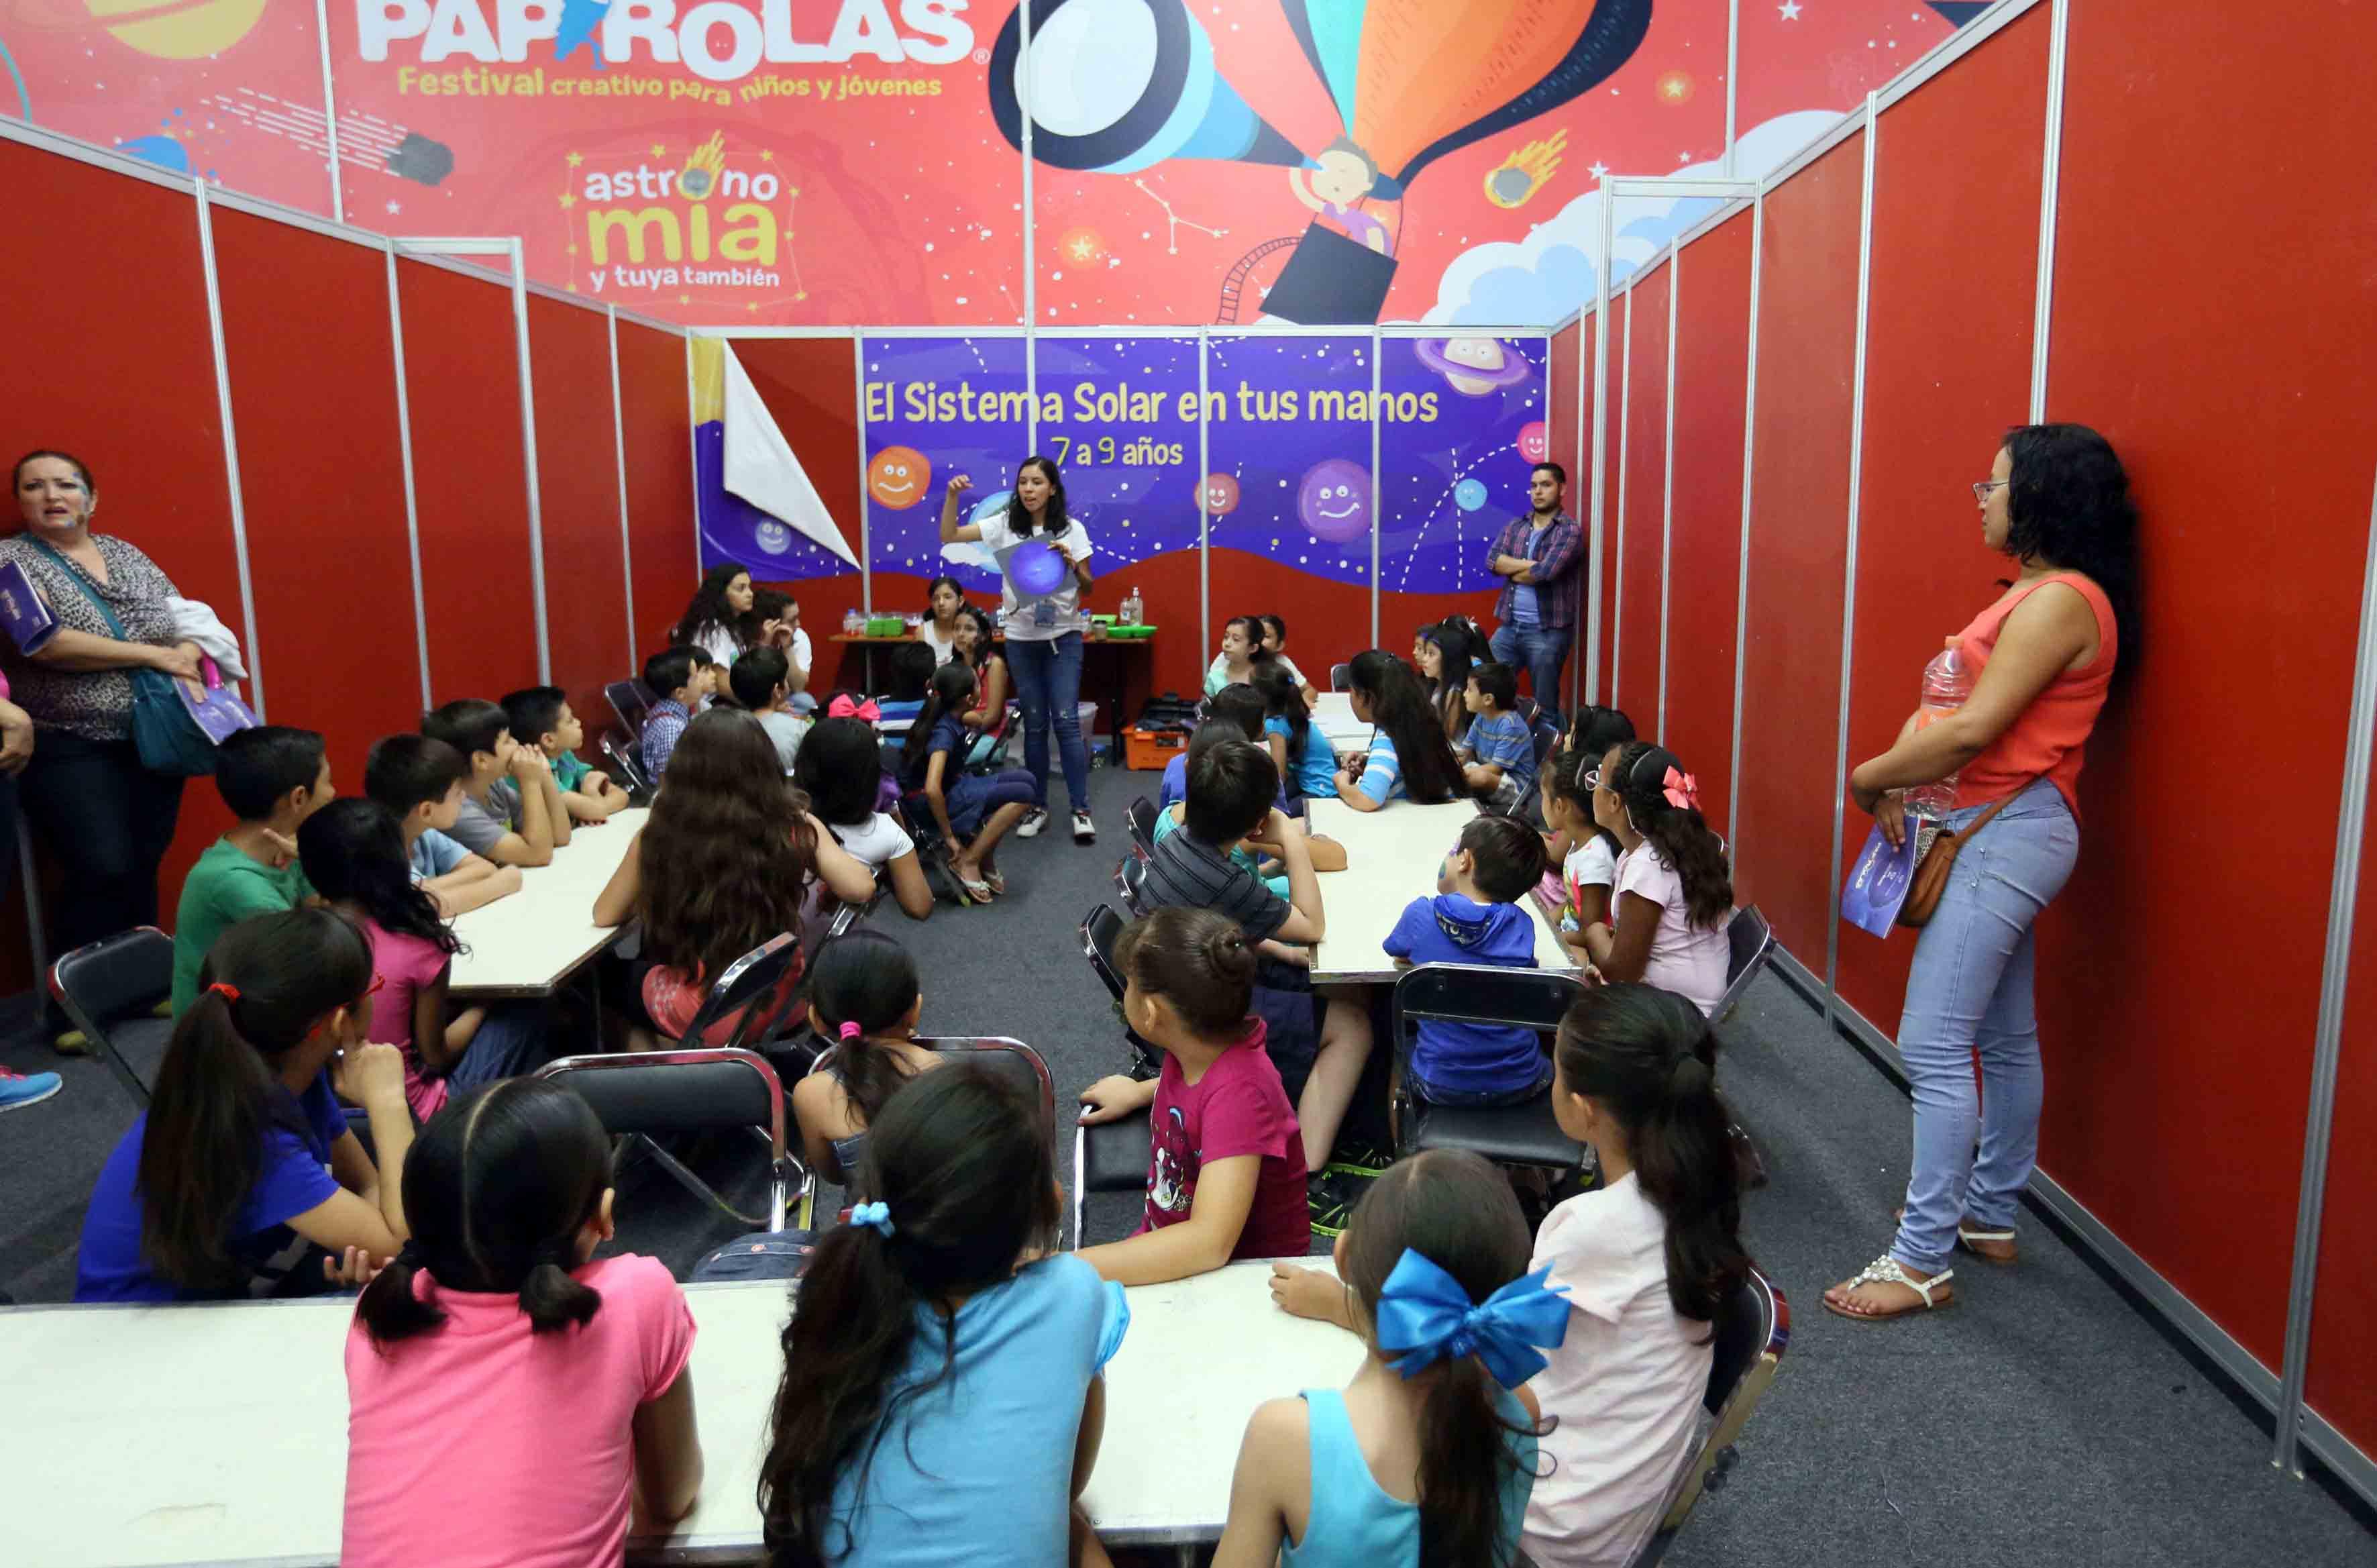 Niños participando de talleres del Festival Papirolas